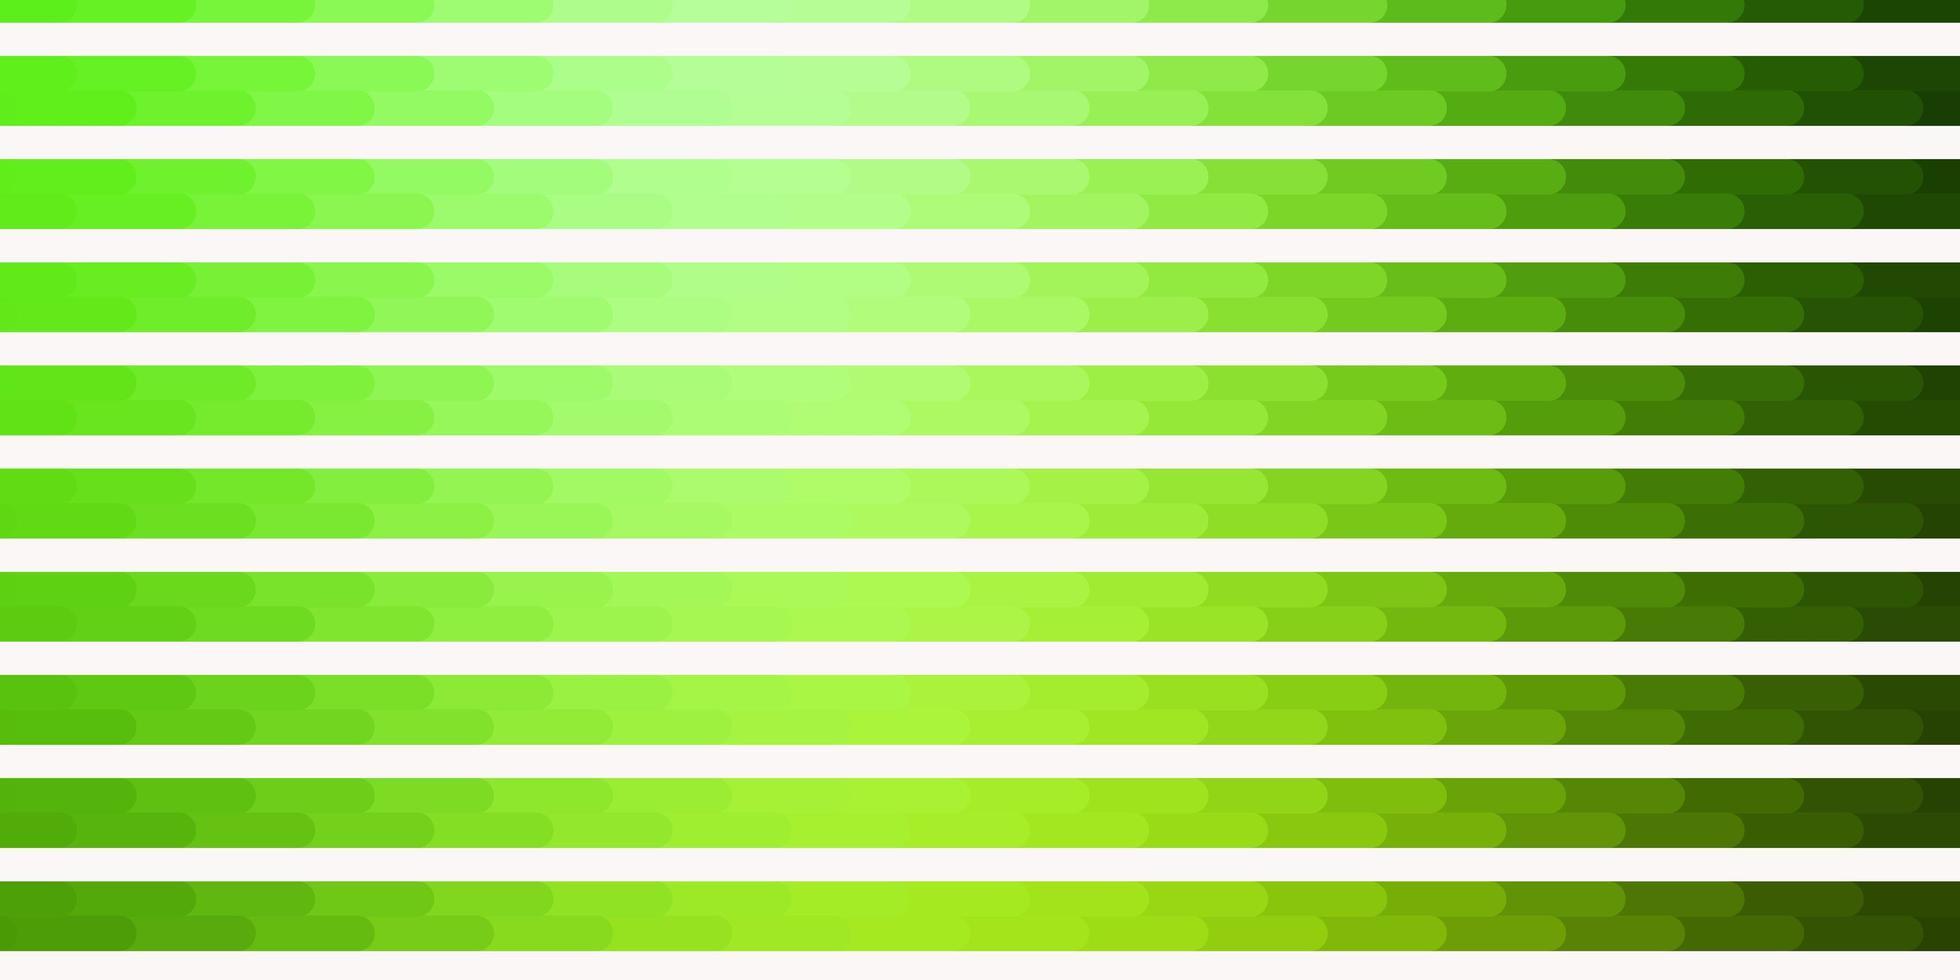 hellgrüner Vektorhintergrund mit Linien. vektor